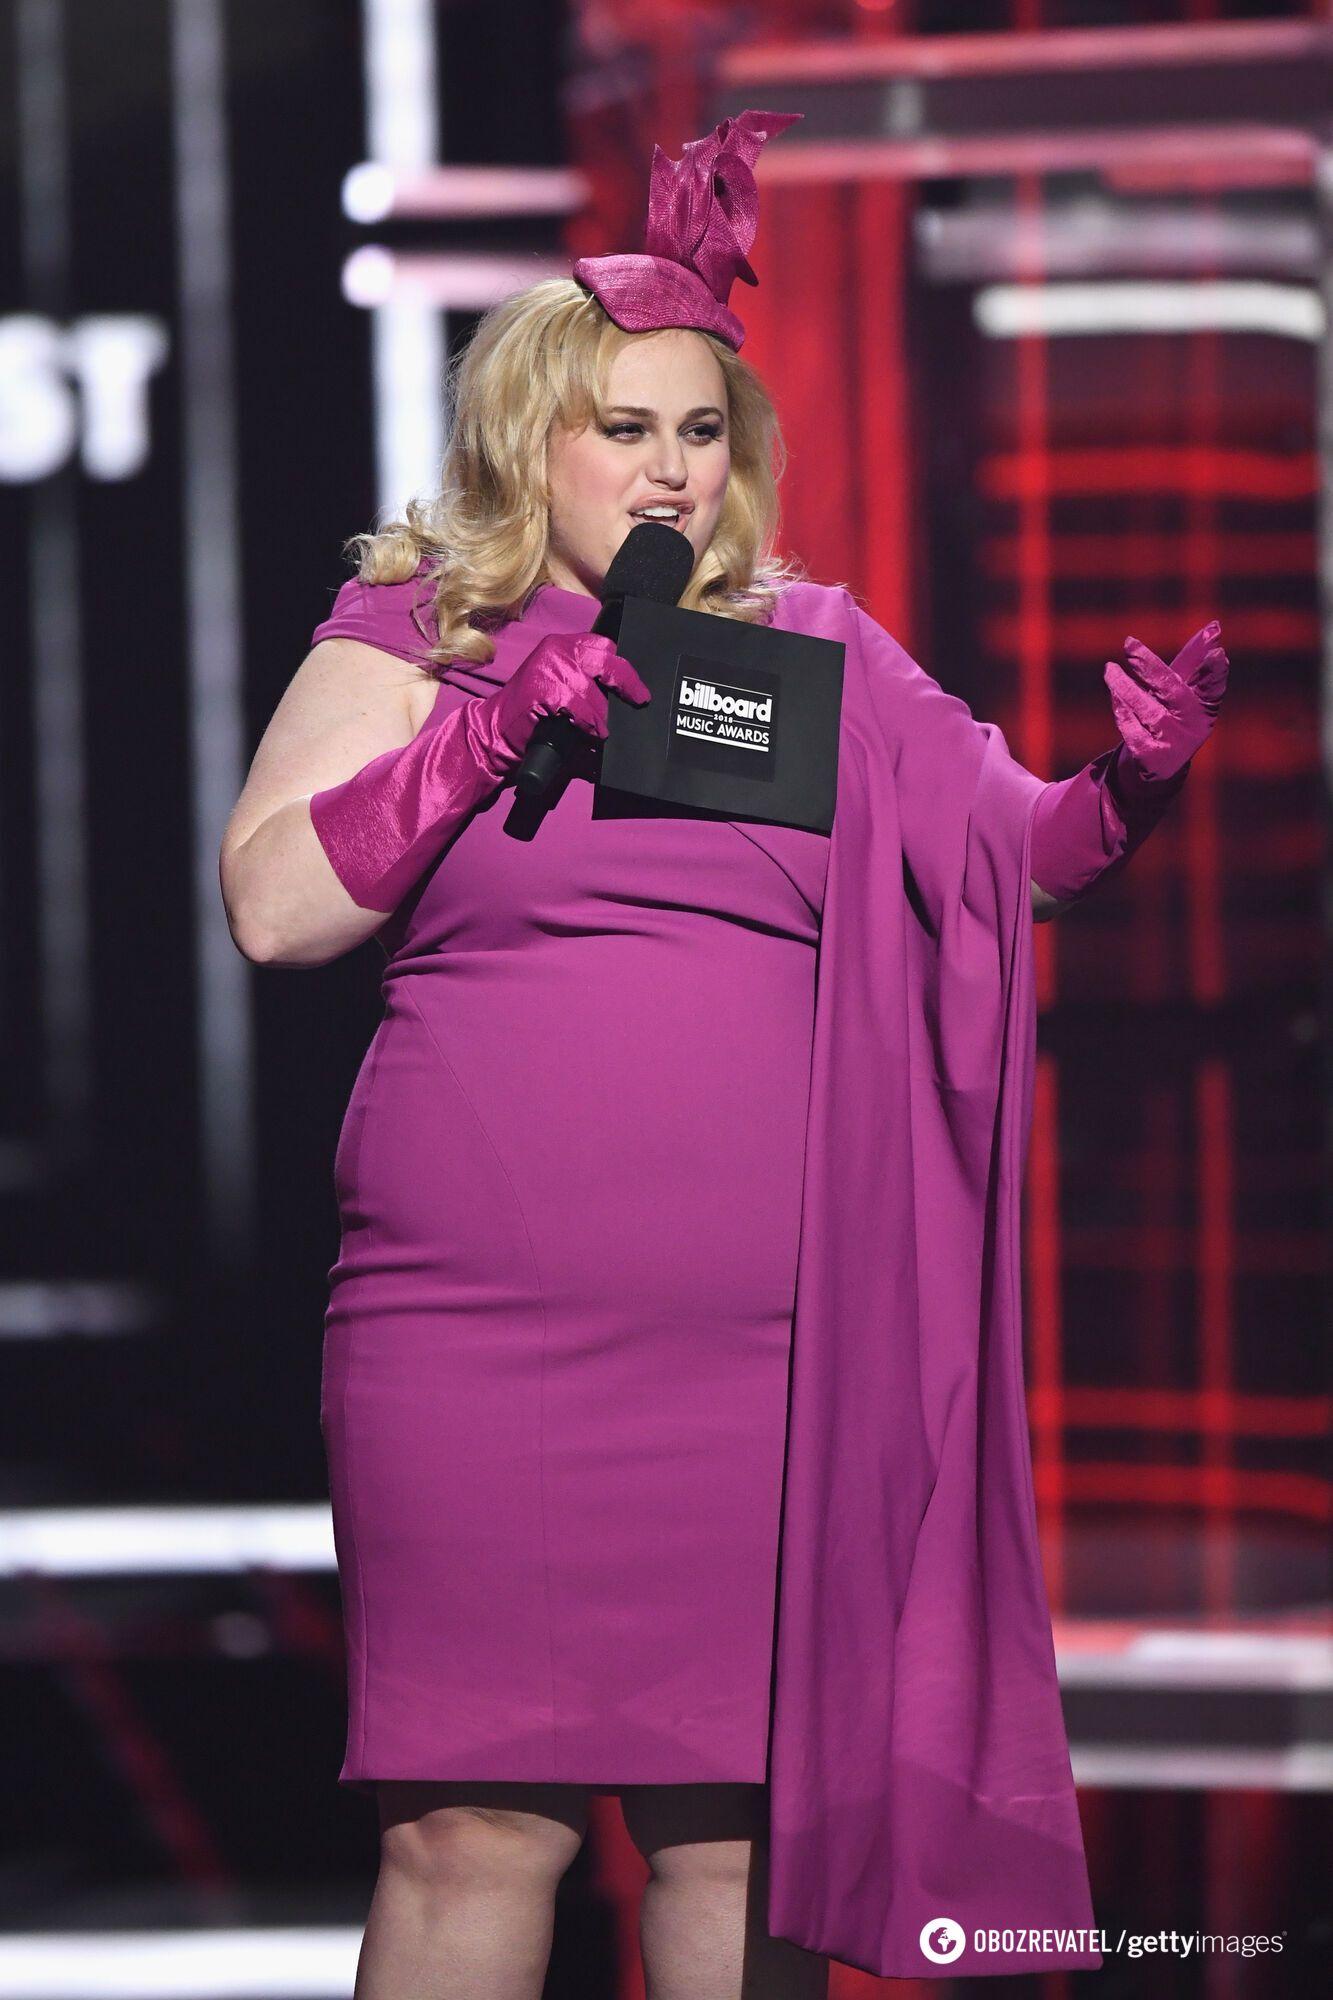 Ребел Вілсон до схуднення.